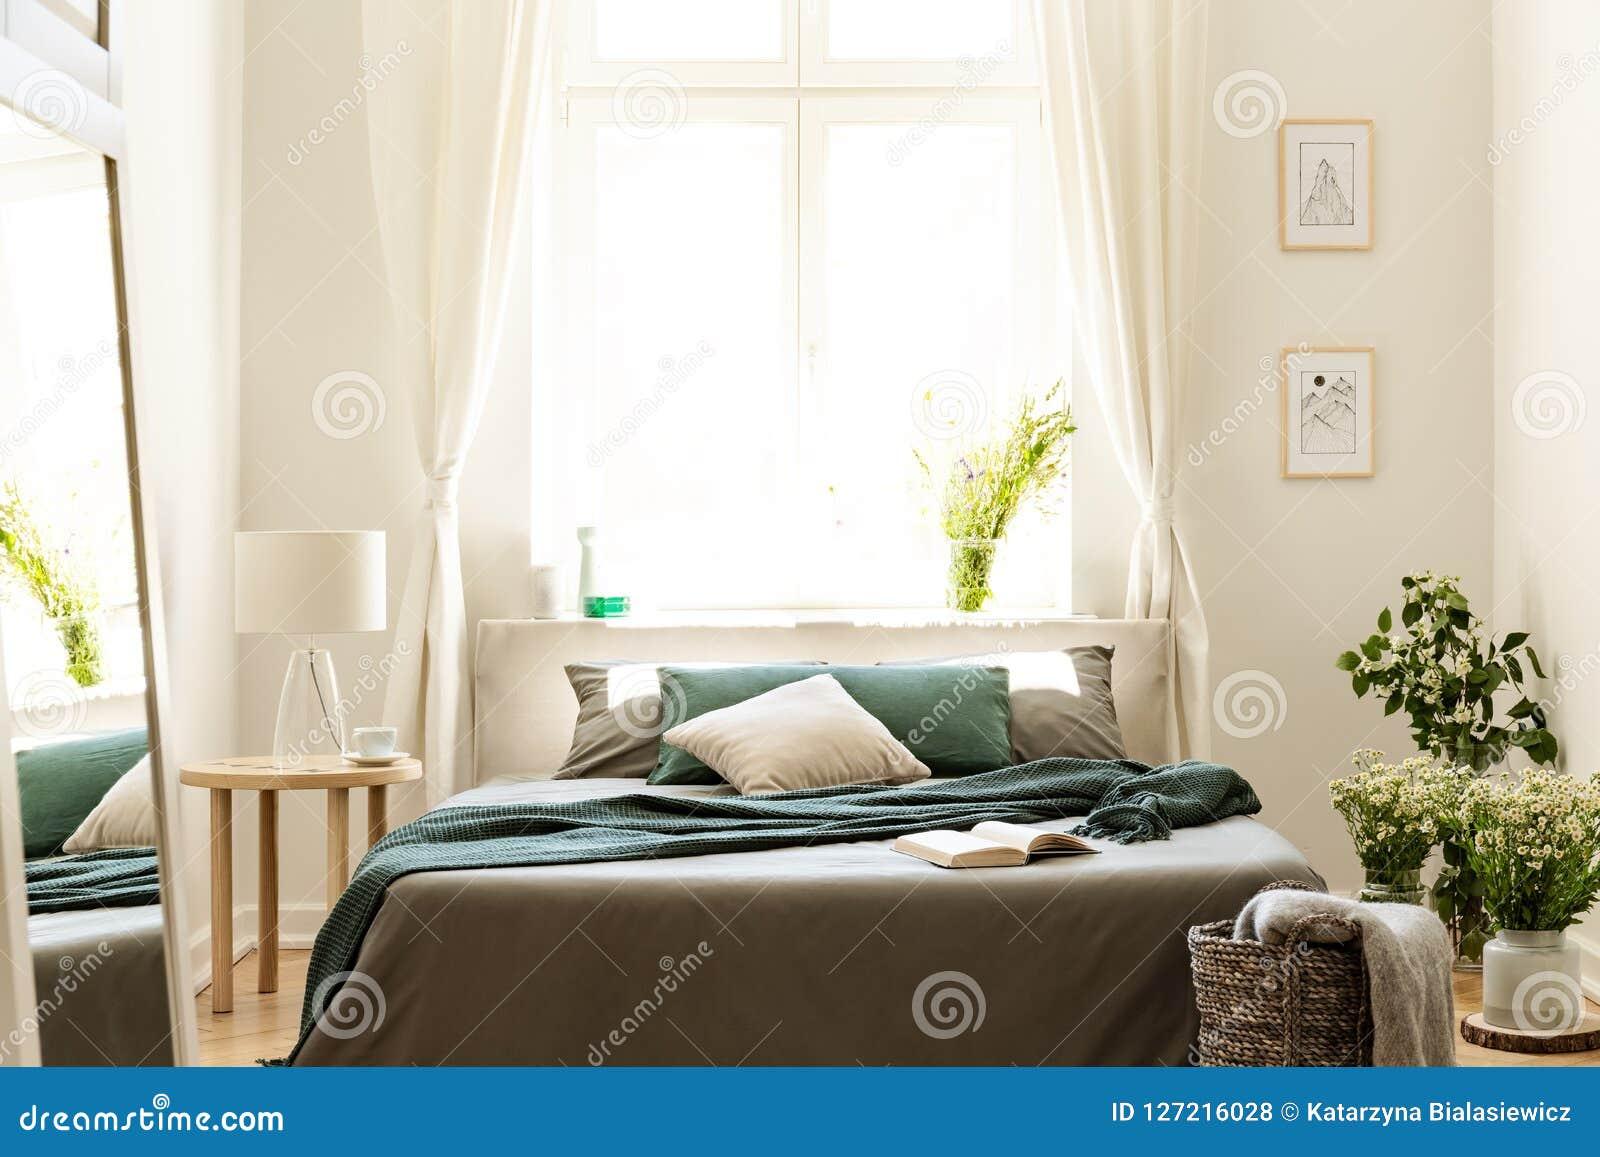 Το εσωτερικό κρεβατοκάμαρων στα χρώματα φύσης με το μεγάλο κρεβάτι, το γκρίζα και πράσινα λινό και τα μαξιλάρια, φρέσκο λιβάδι αν